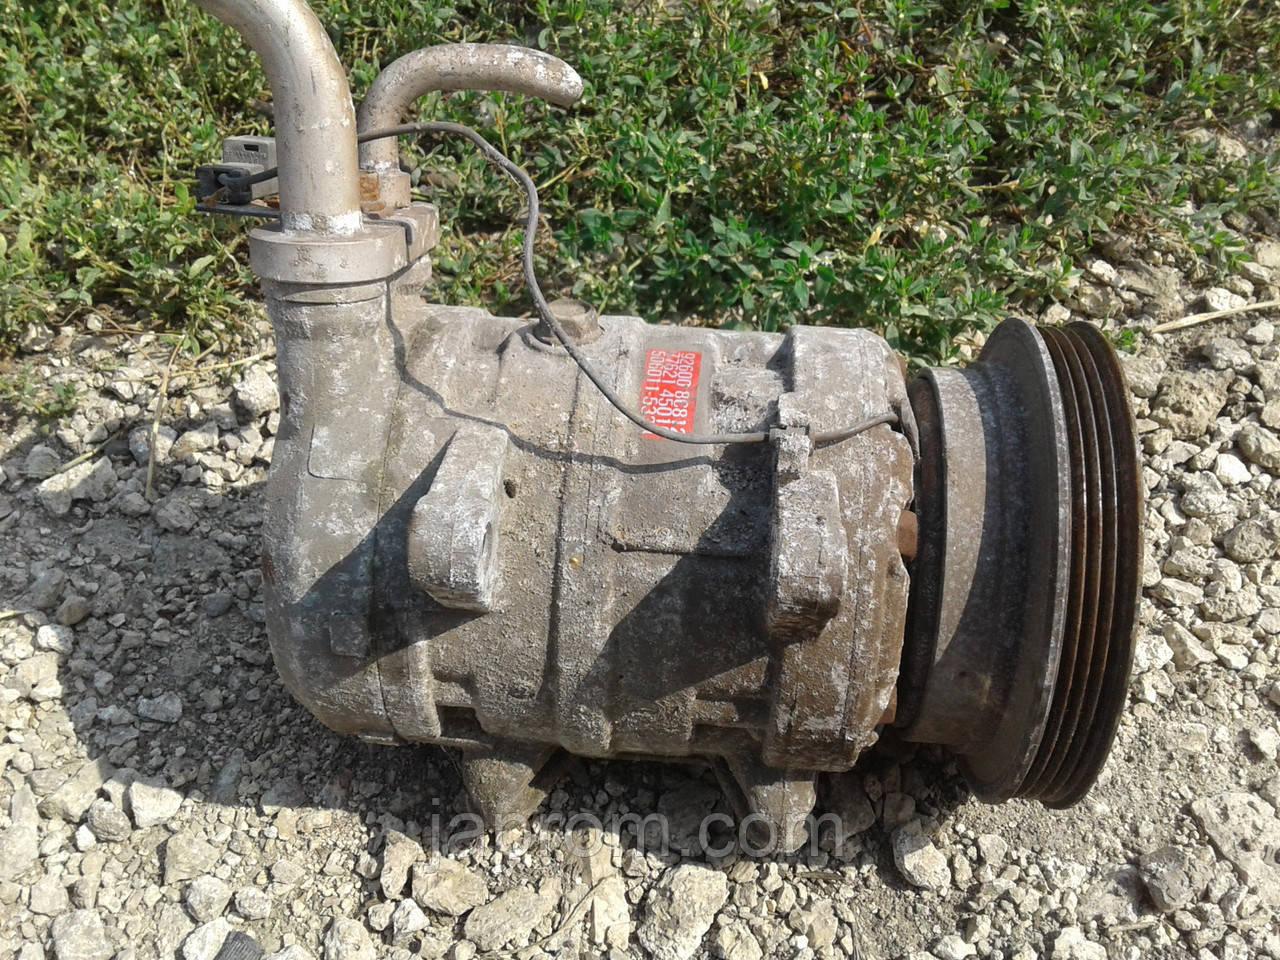 Компрессор кондиционера Nissan Vanette Serena C23 1994-2001г.в. 1.6 бензин